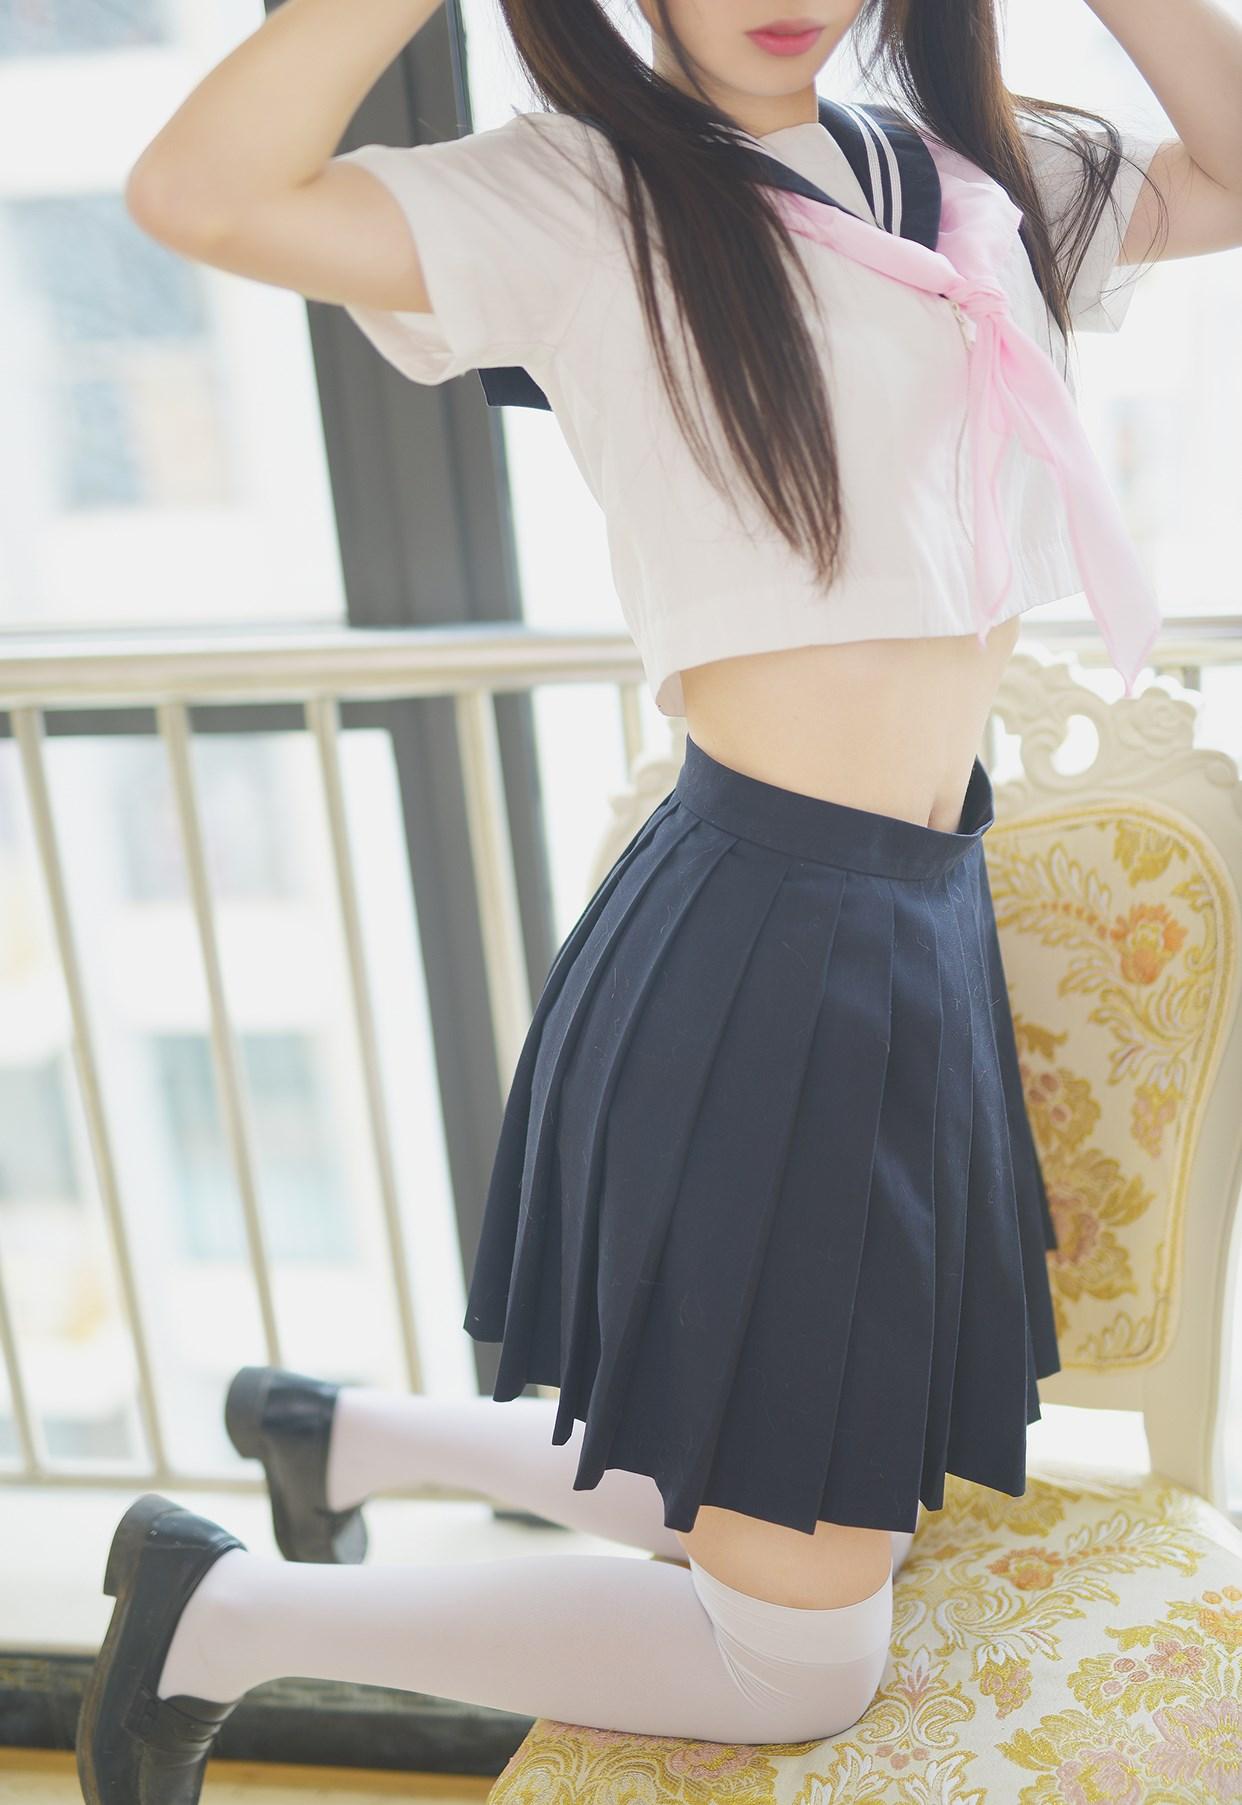 【兔玩映画】水手服的喵喵酱 兔玩映画 第13张